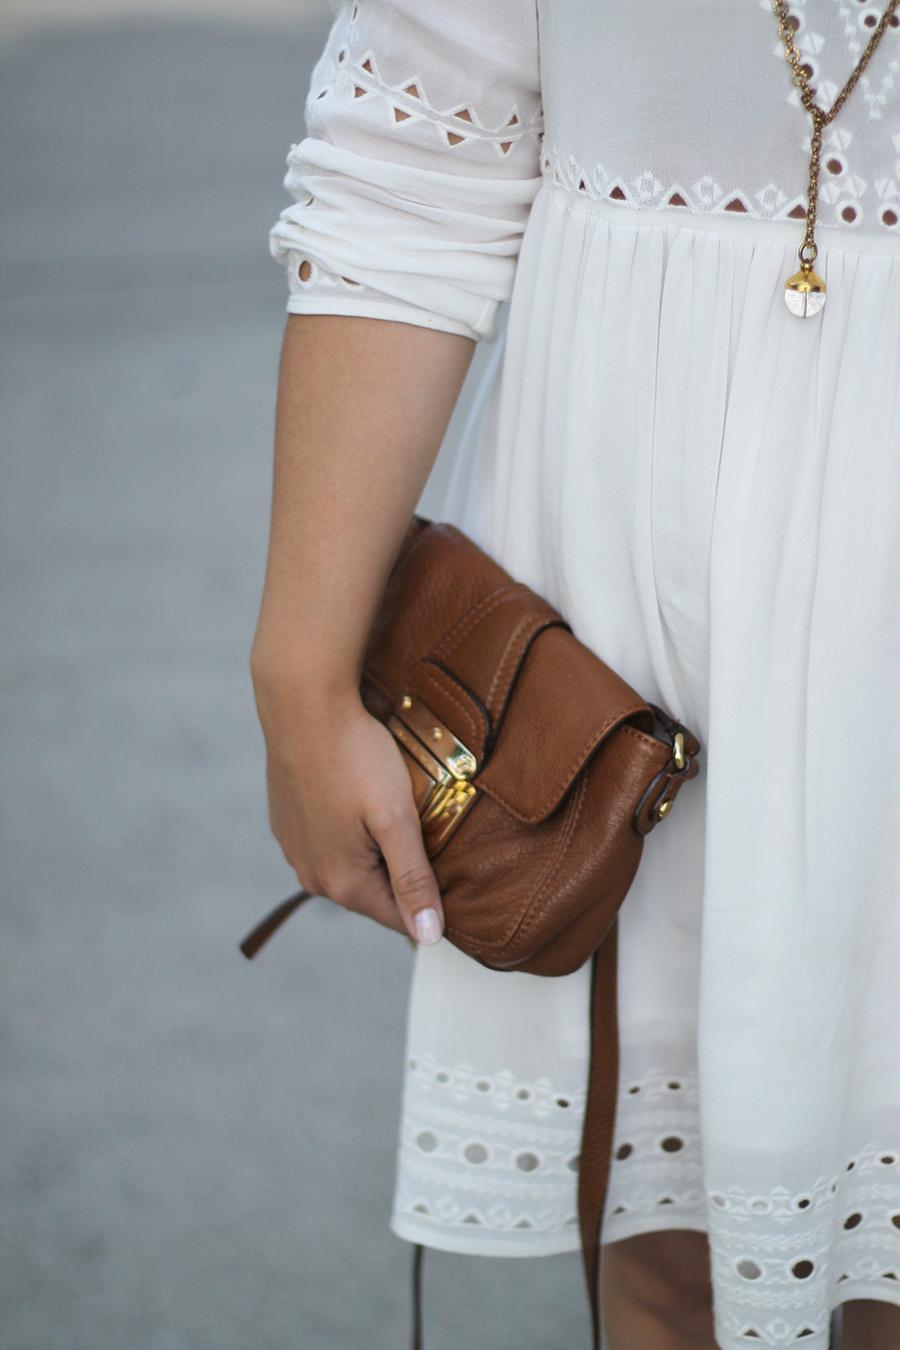 michael-kors-handbag-small-brown-cross-body